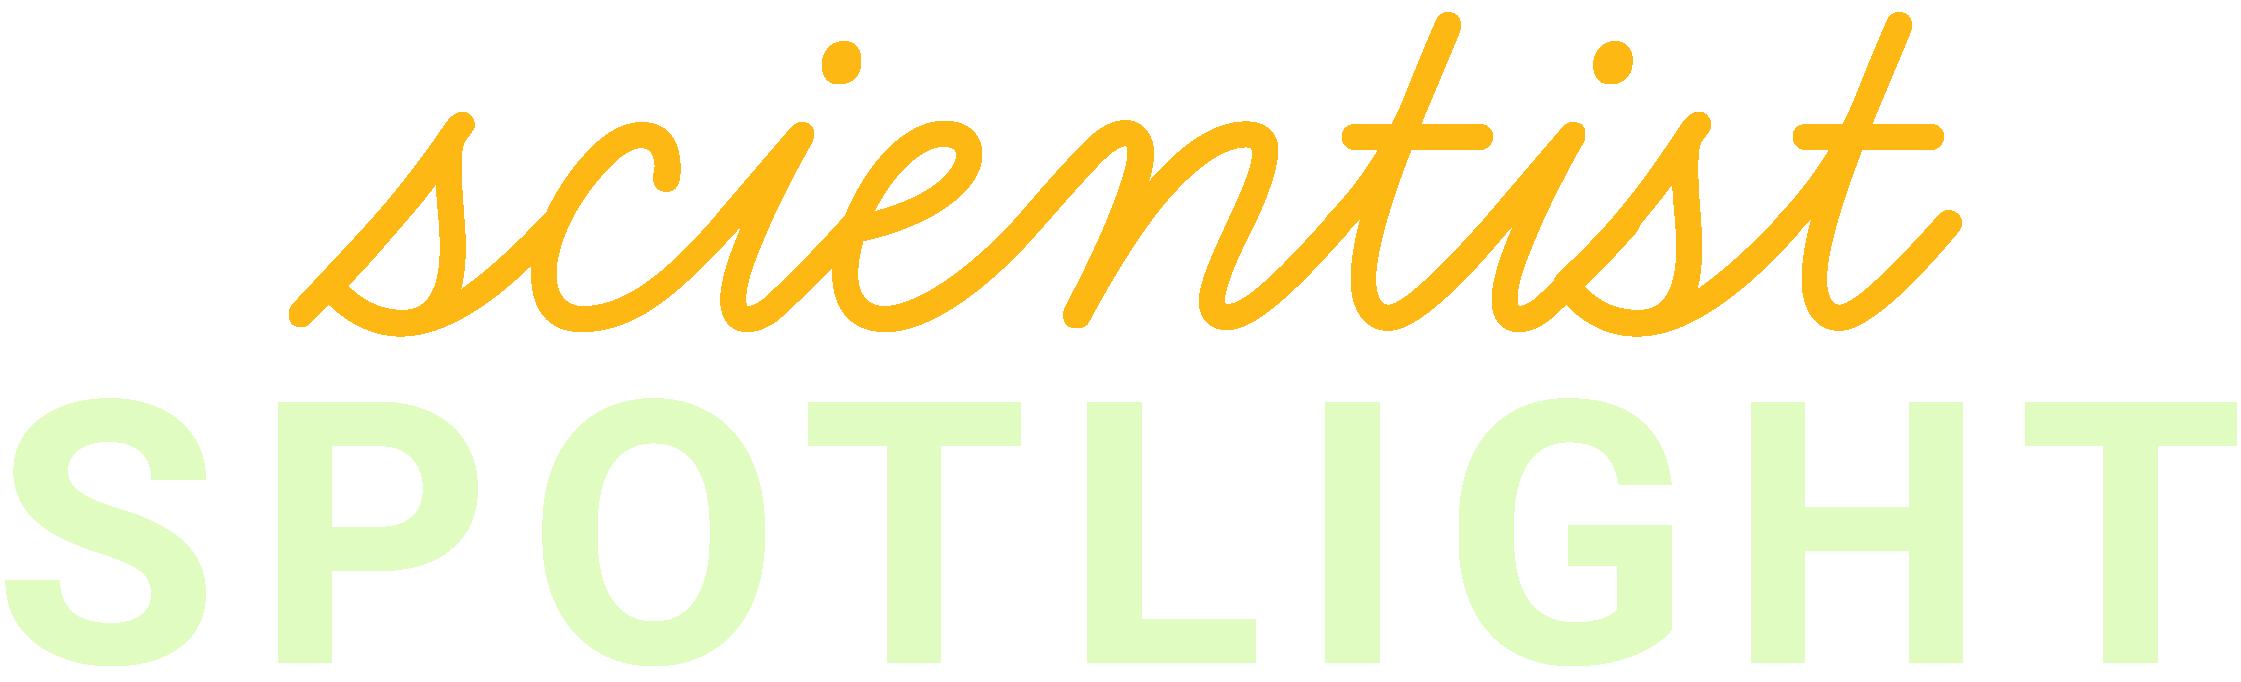 Scientist Spotlight Logo